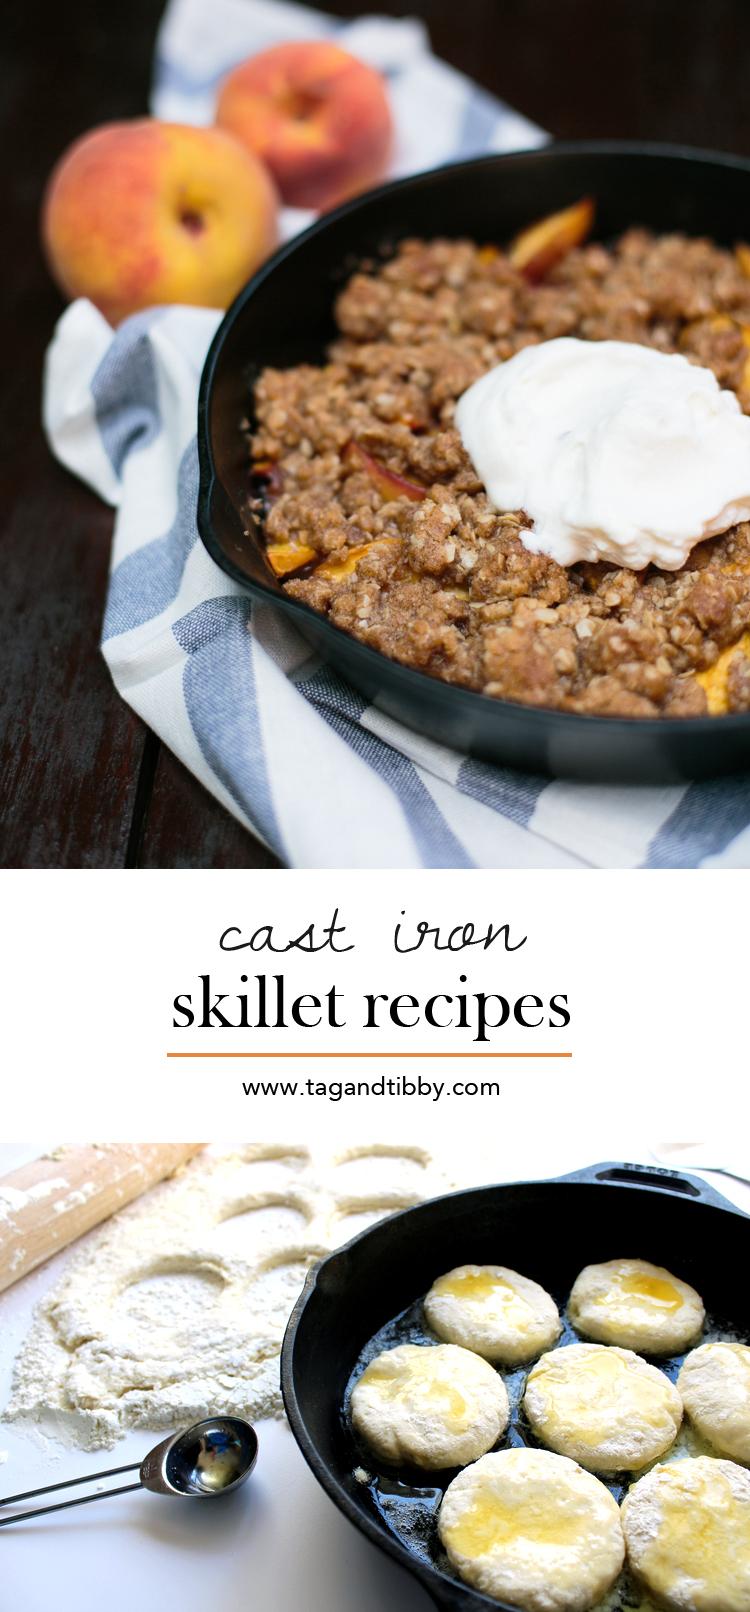 5 Classic Cast Iron Skillet Recipes via Tag&Tibby